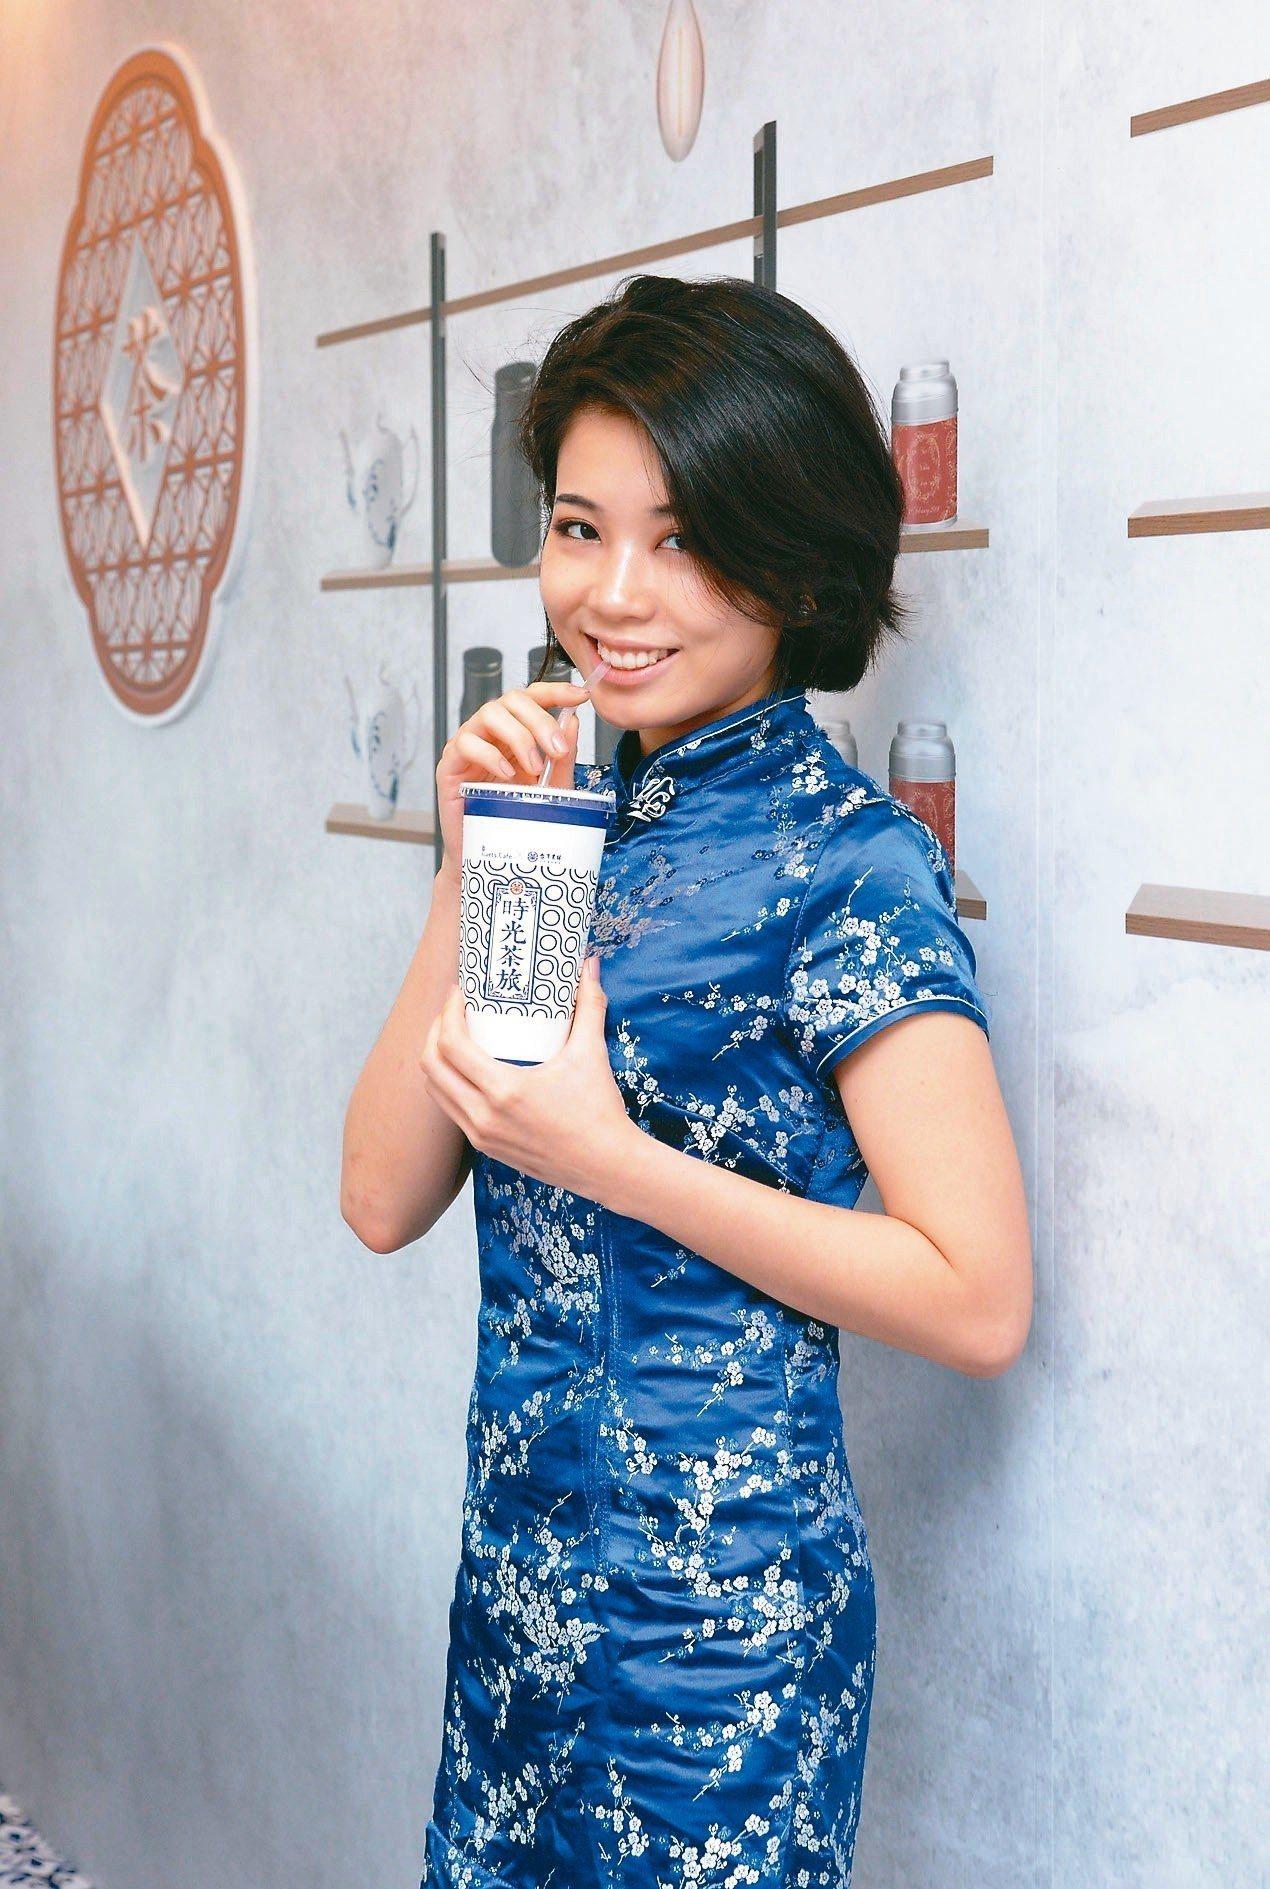 全家便利商店攜手台灣農林推出聯名茶飲。 圖/全家便利商店提供